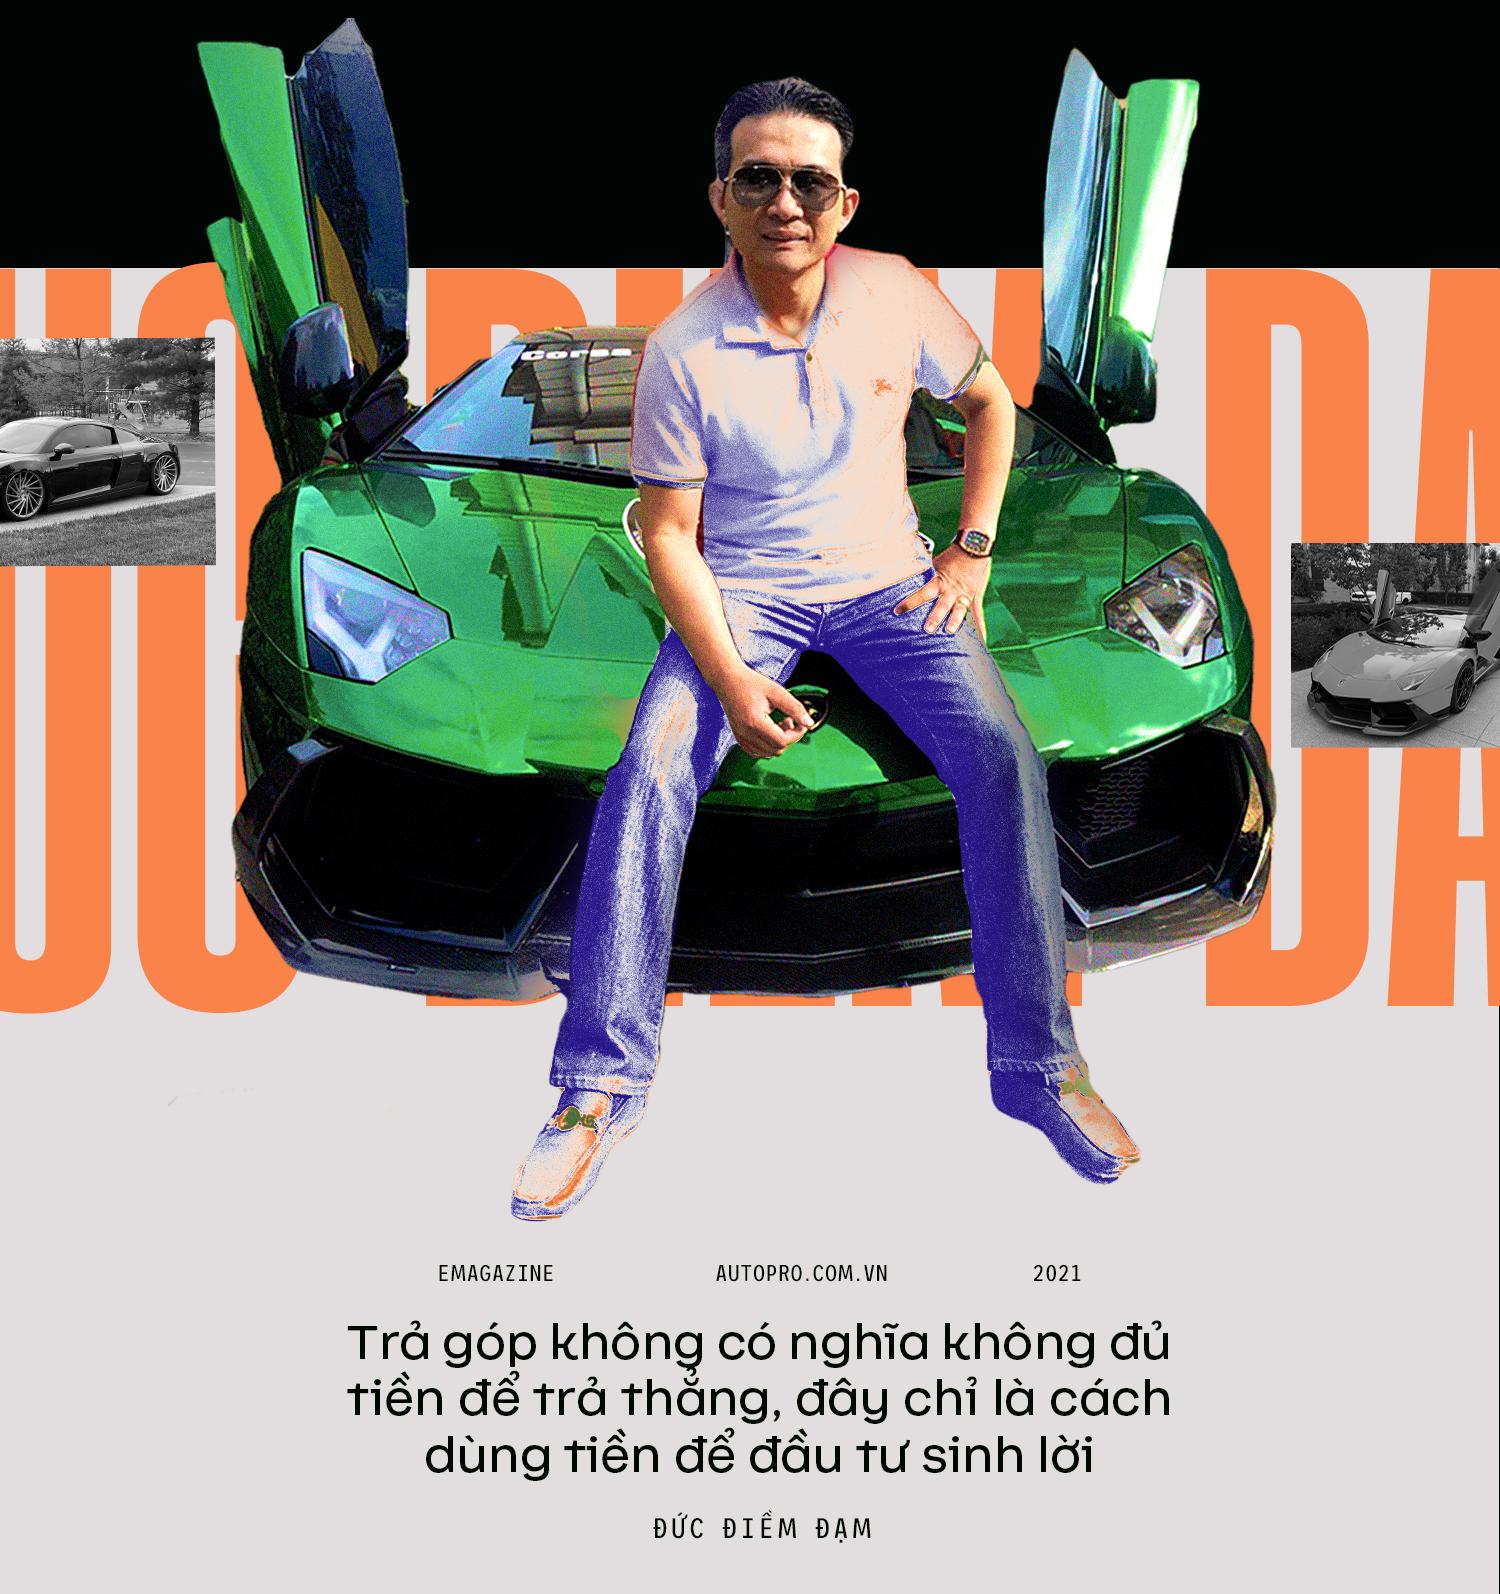 Đức Điềm Đạm: Từ lau dọn 3 USD/giờ tới sở hữu dàn xe 1,5 triệu USD, hé lộ hành trình siêu xe ở Việt Nam - Ảnh 6.